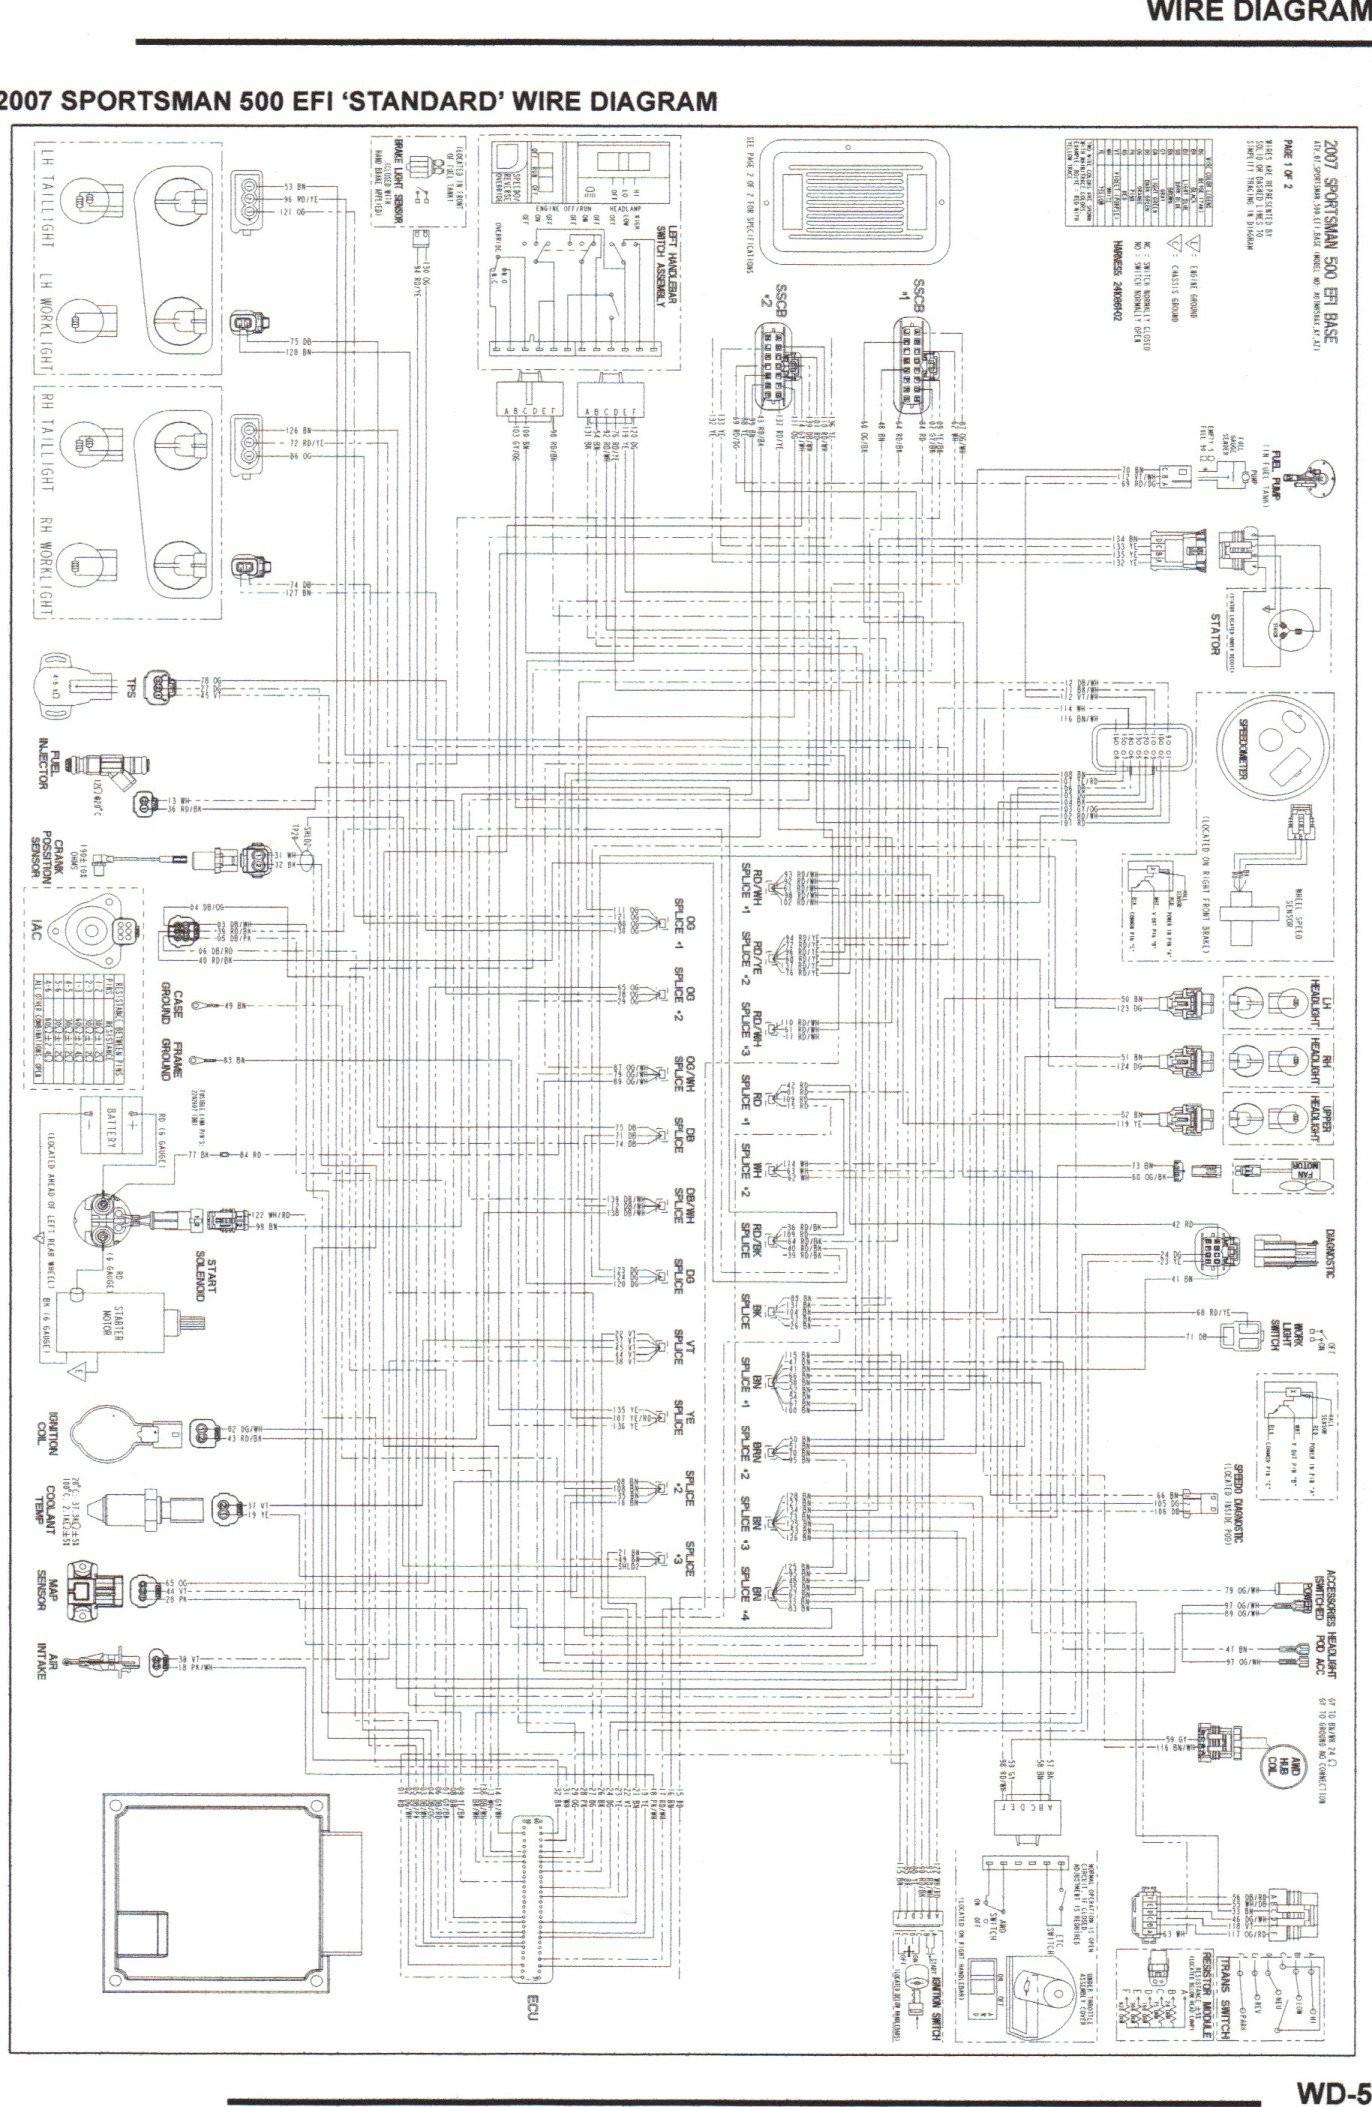 polaris atp wiring diagram wiring diagram2006 polari 330 trail bos wiring diagram 08 polaris trail boss 330